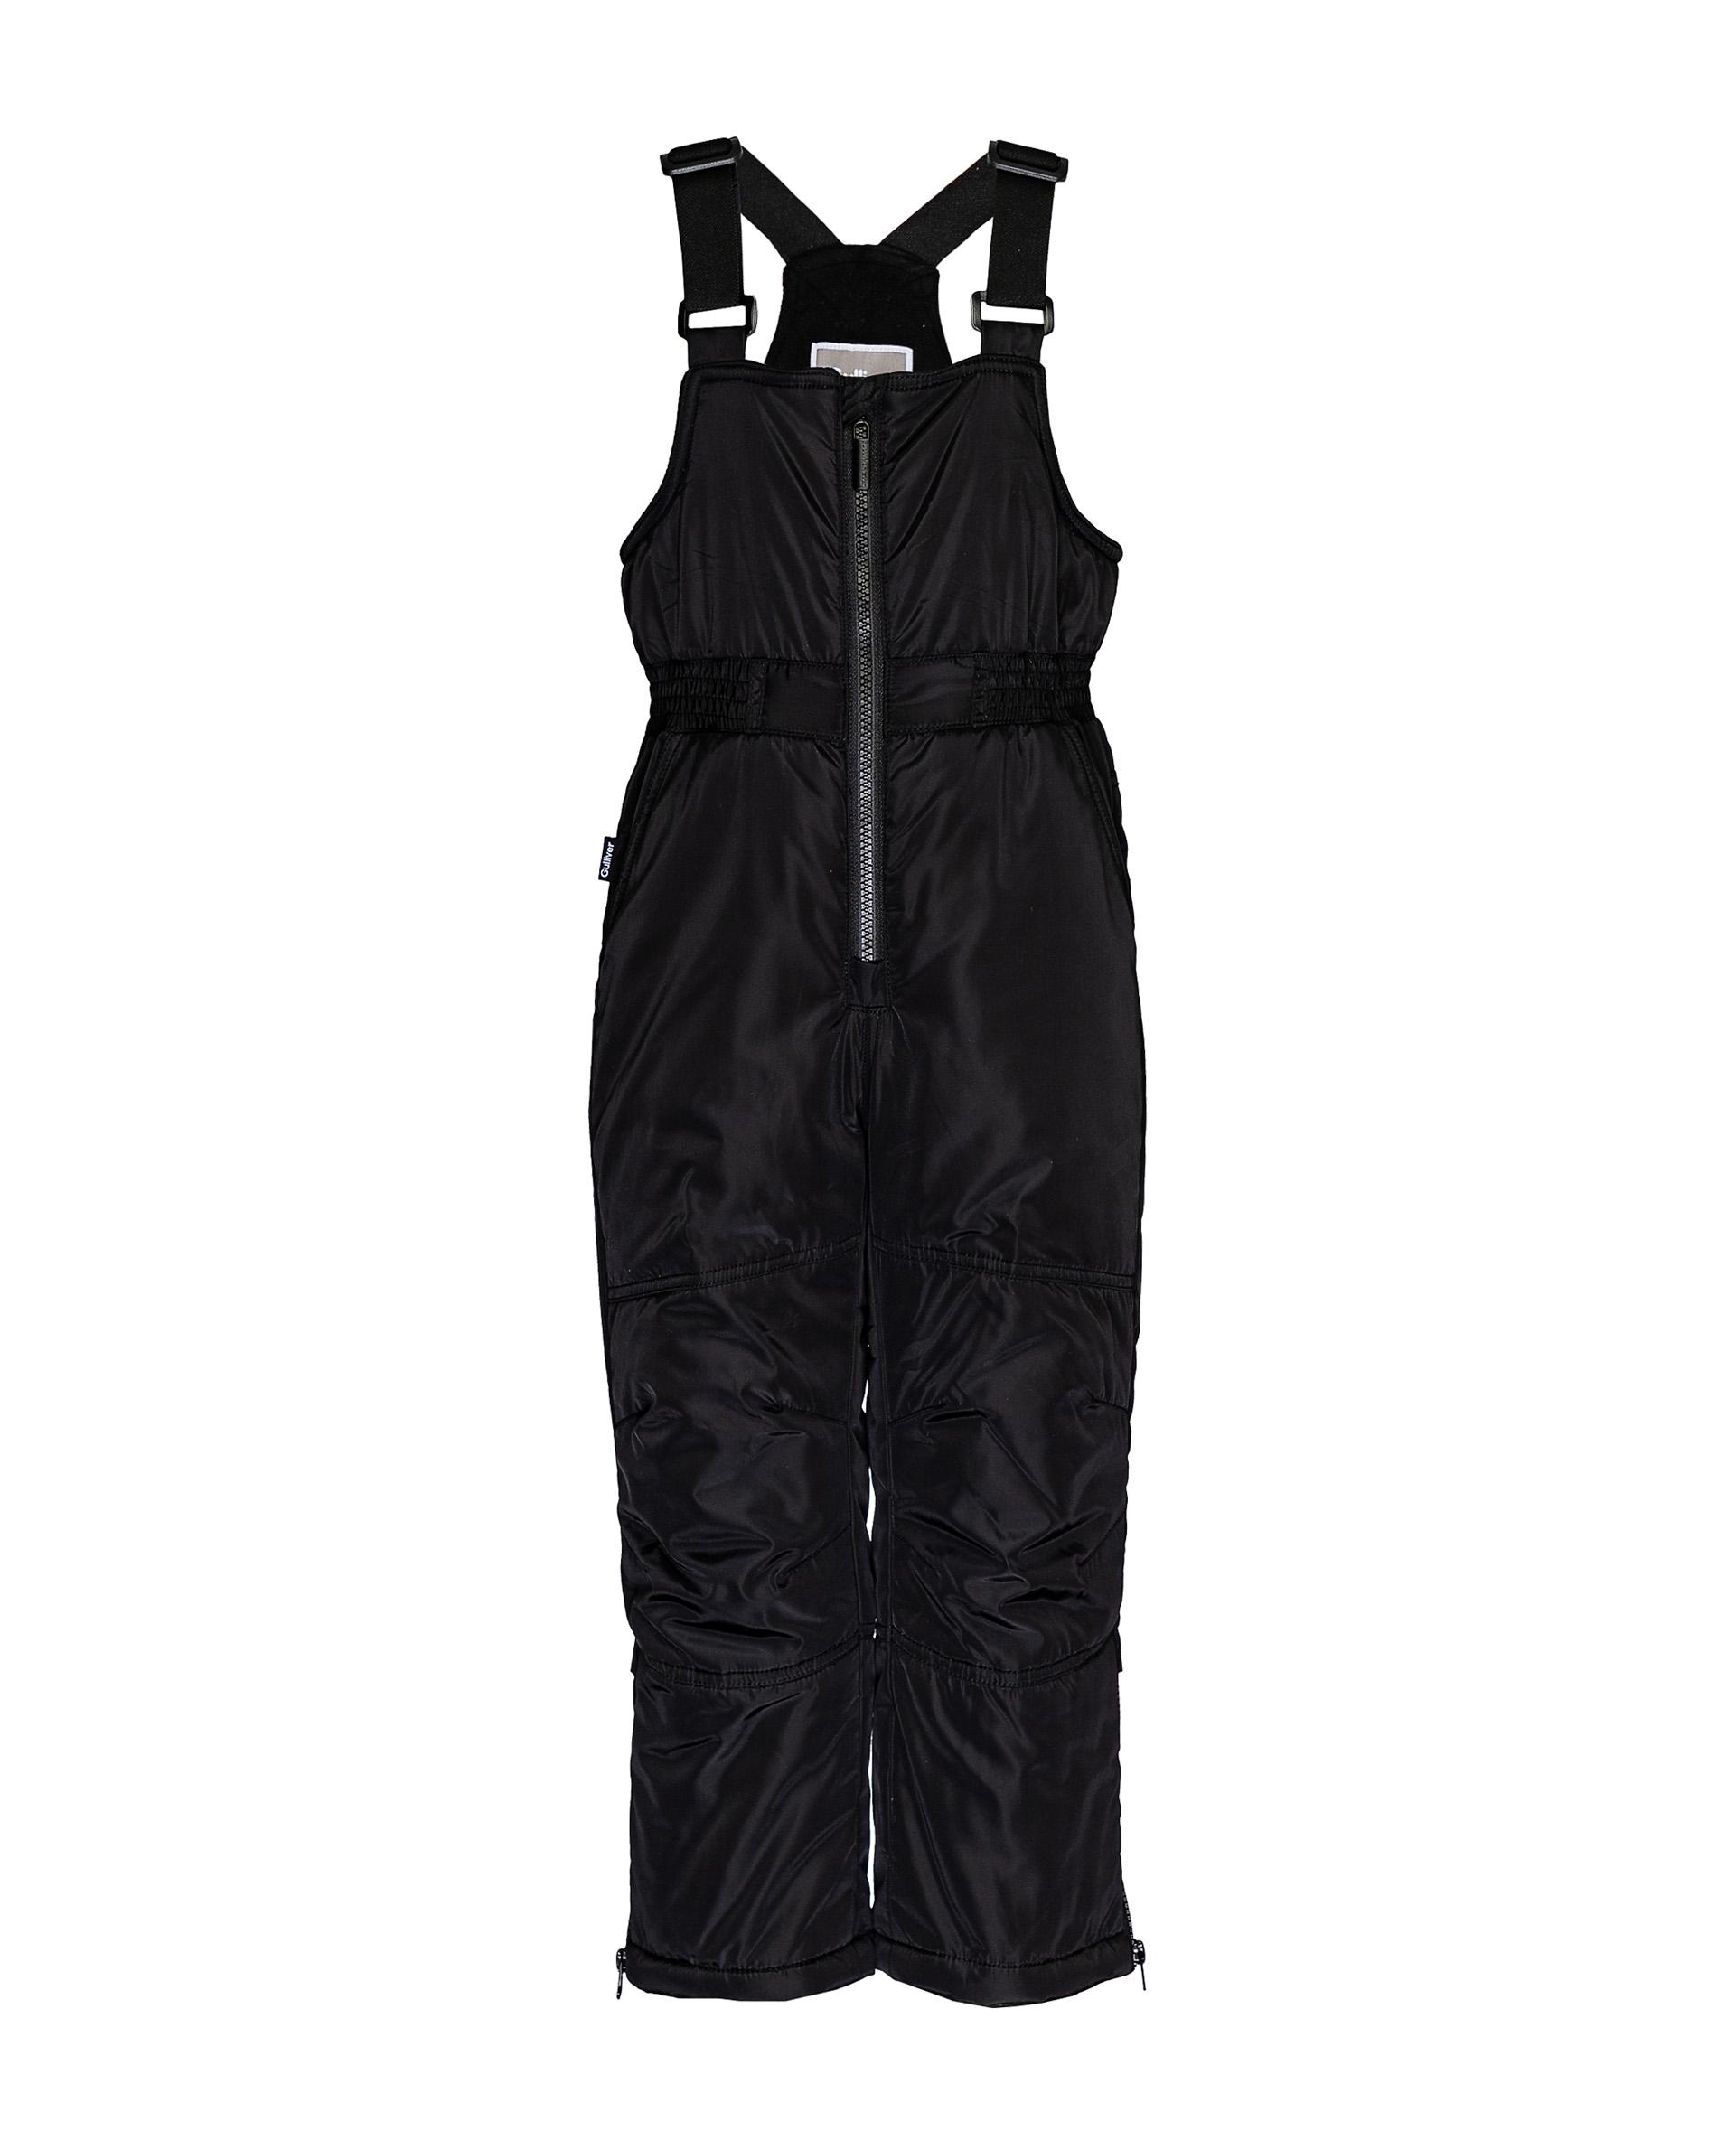 Купить 21905BMC6702, Черный зимний полукомбинезон Gulliver, черный, 104, Мужской, ОСЕНЬ/ЗИМА 2020-2021 (shop: GulliverMarket Gulliver Market)